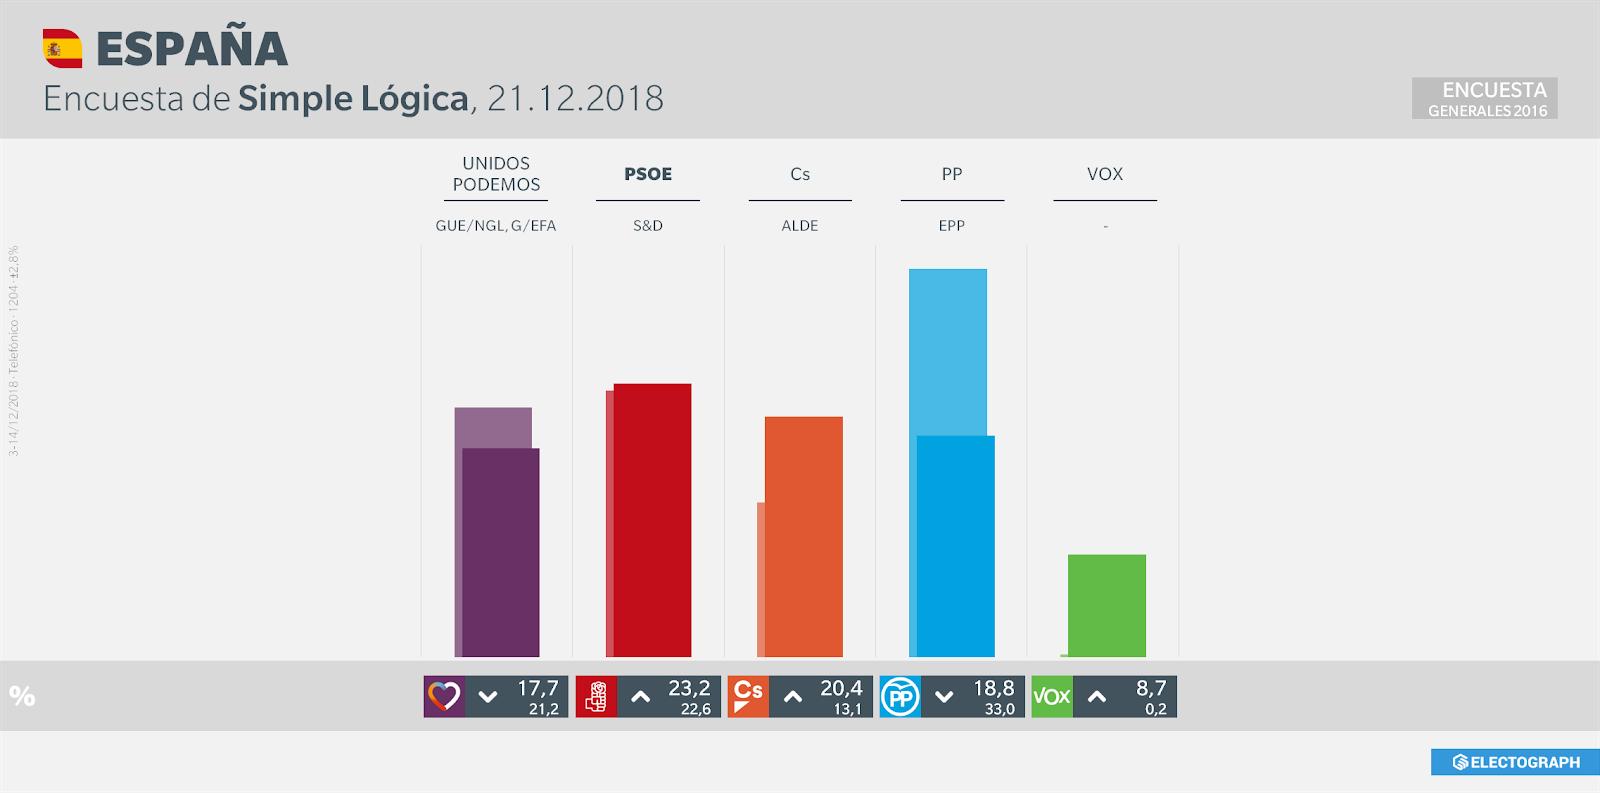 Gráfico de la encuesta para elecciones generales en España realizada por Simple Lógica, 21 de diciembre de 2018